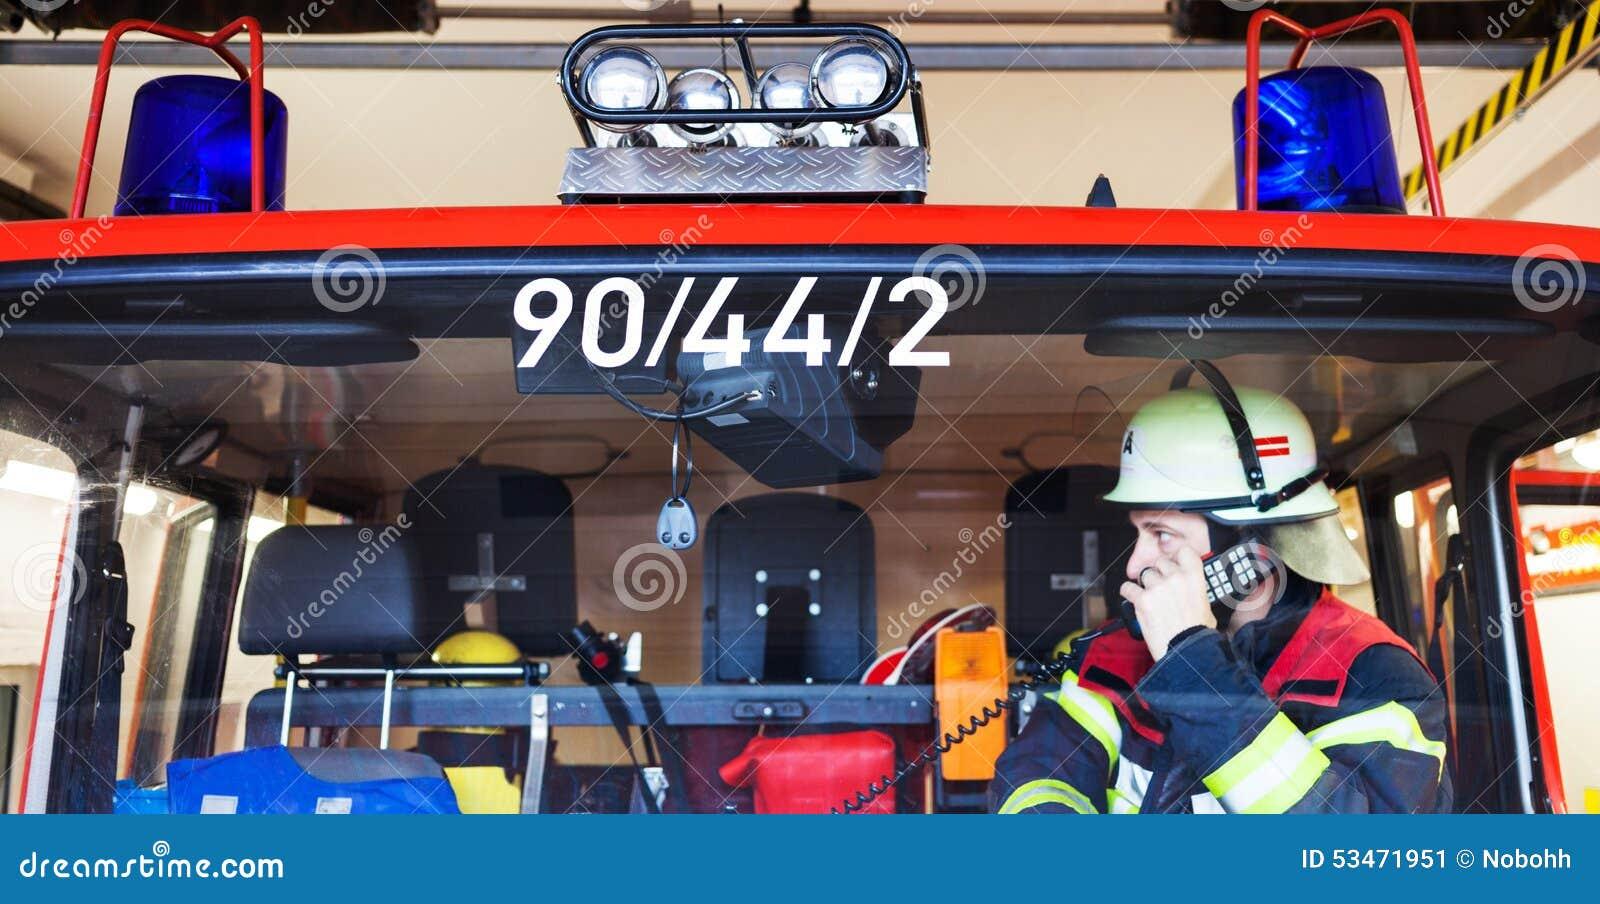 Bombero en un coche de bomberos y chispa con el sistema de radios